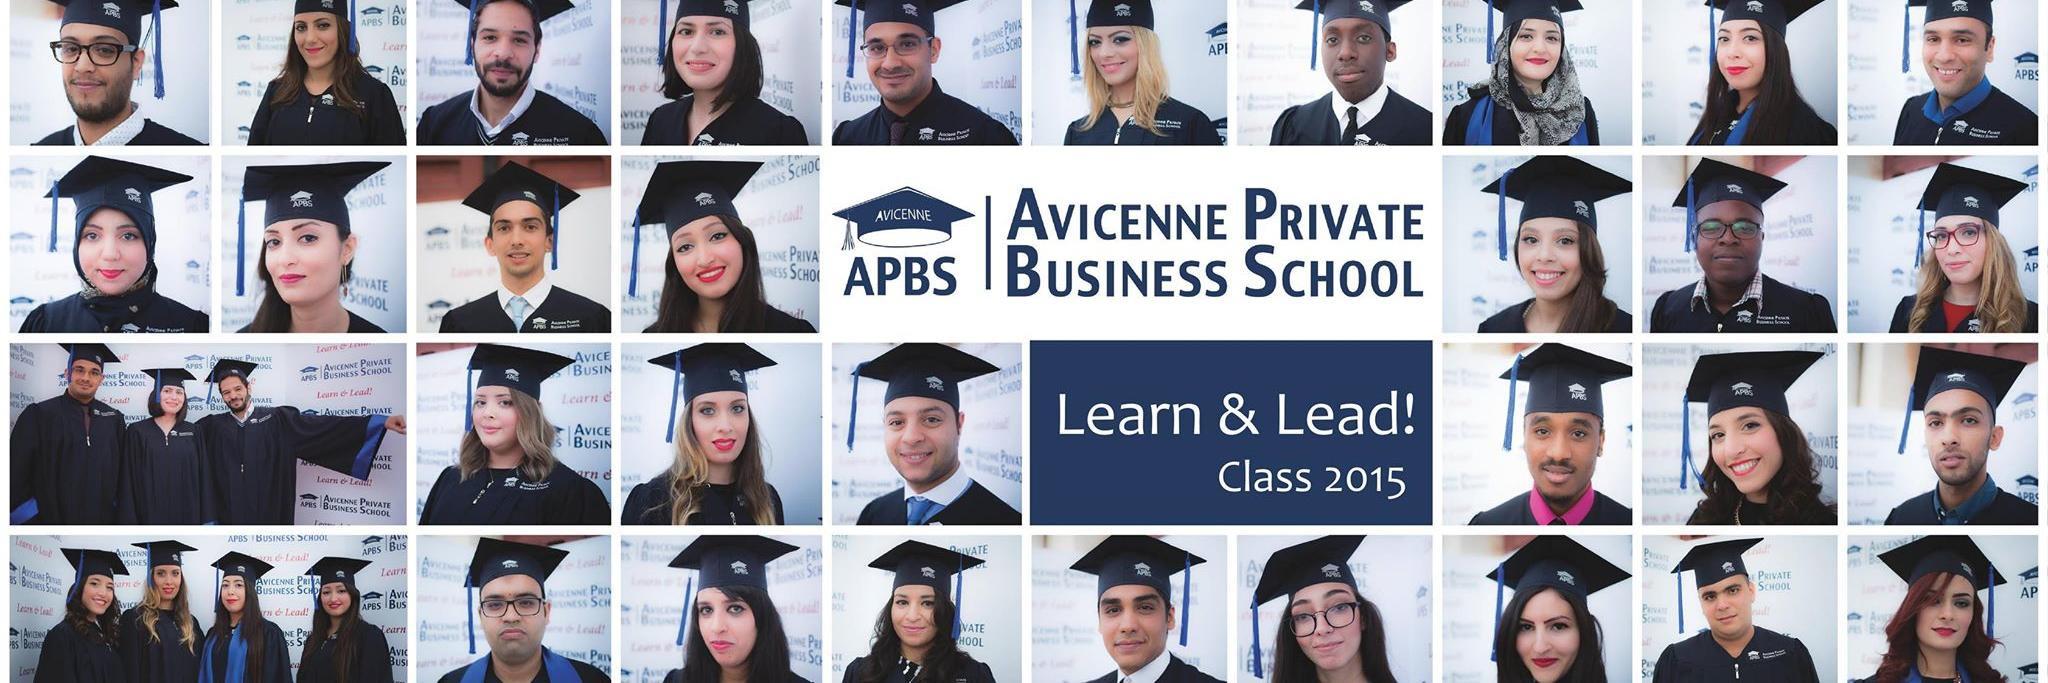 École Supérieure Privée d'Administration des Affaires et de Droit Avicenne's official Twitter account